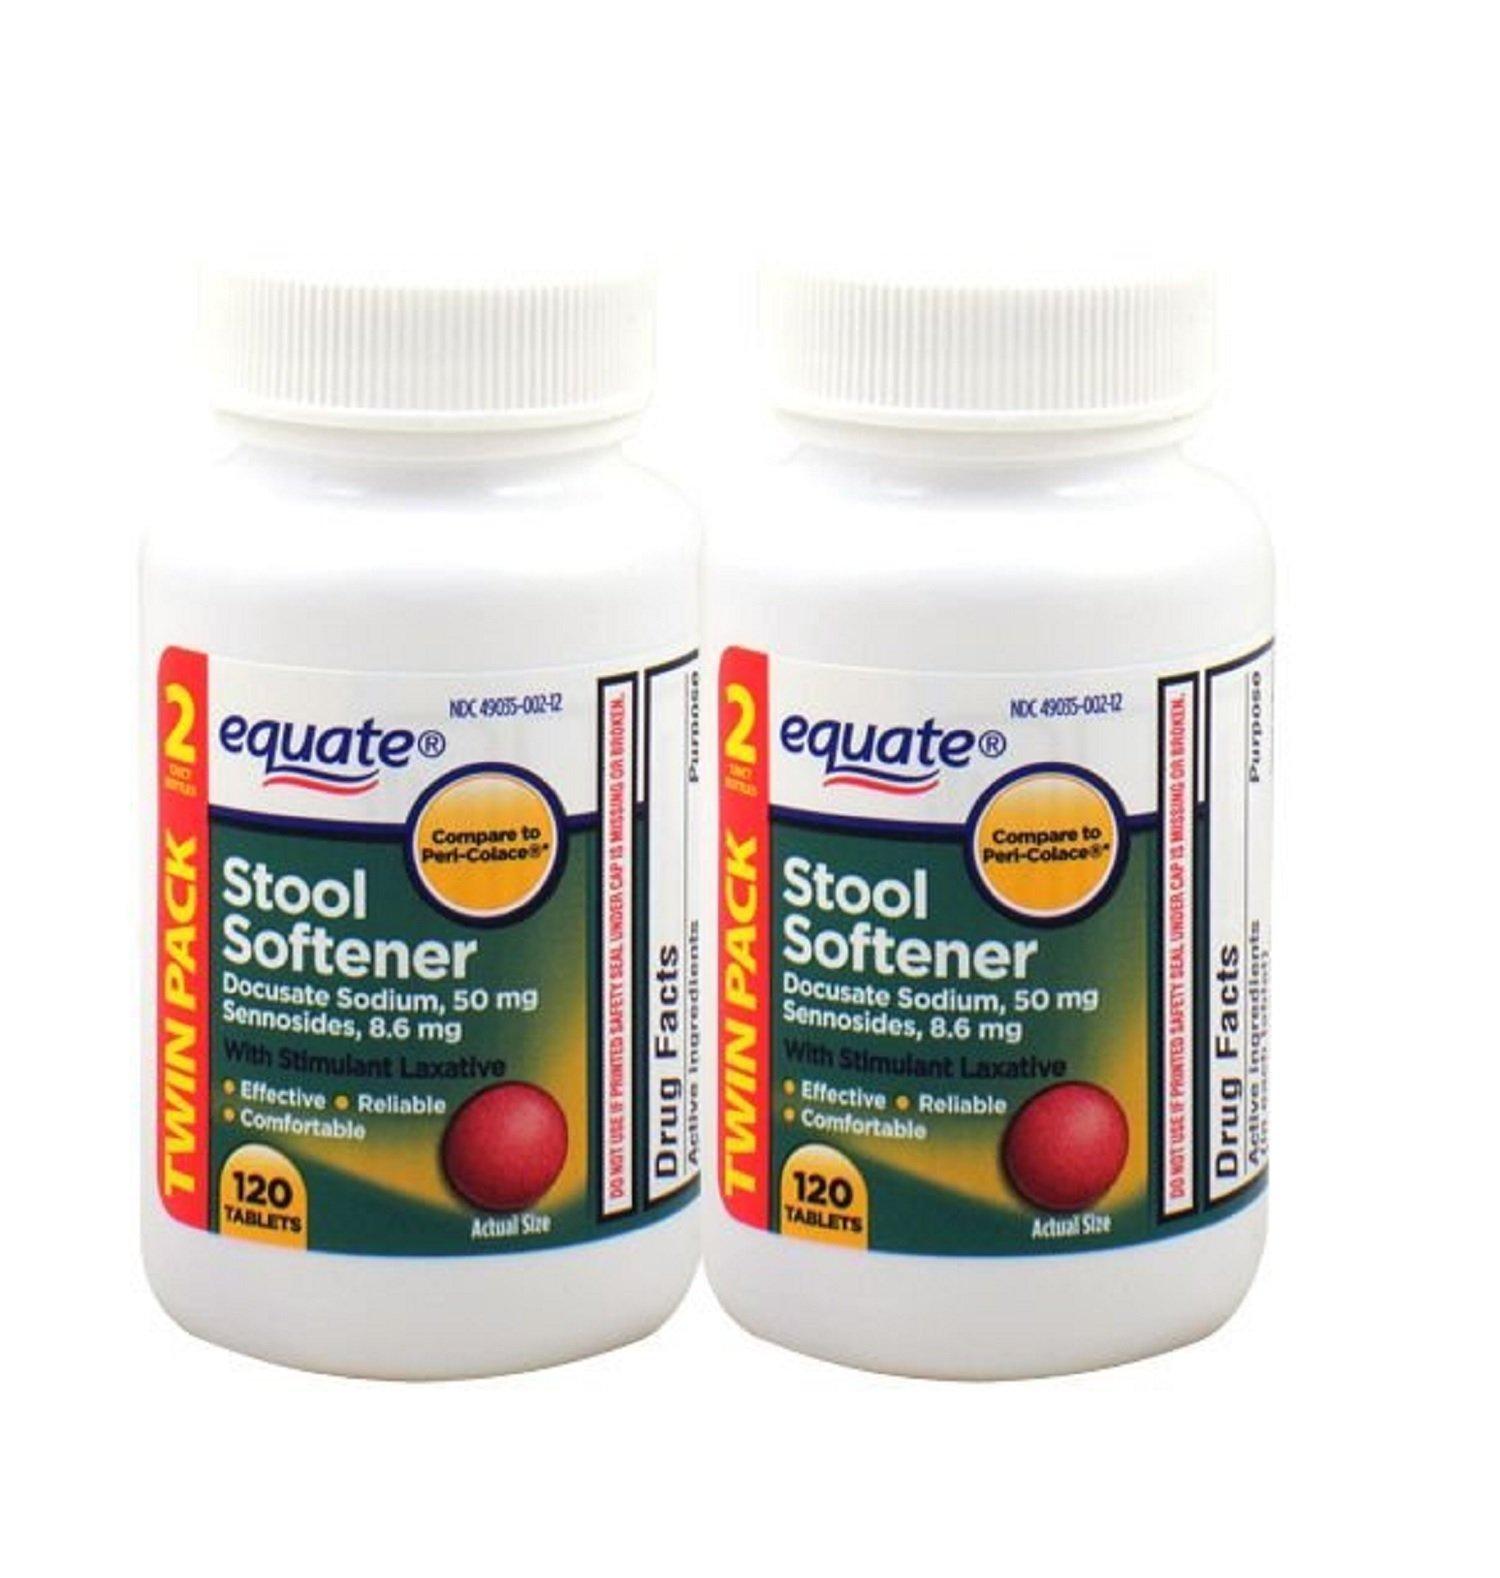 Equate Stool Softener With Stimulant Laxative 240